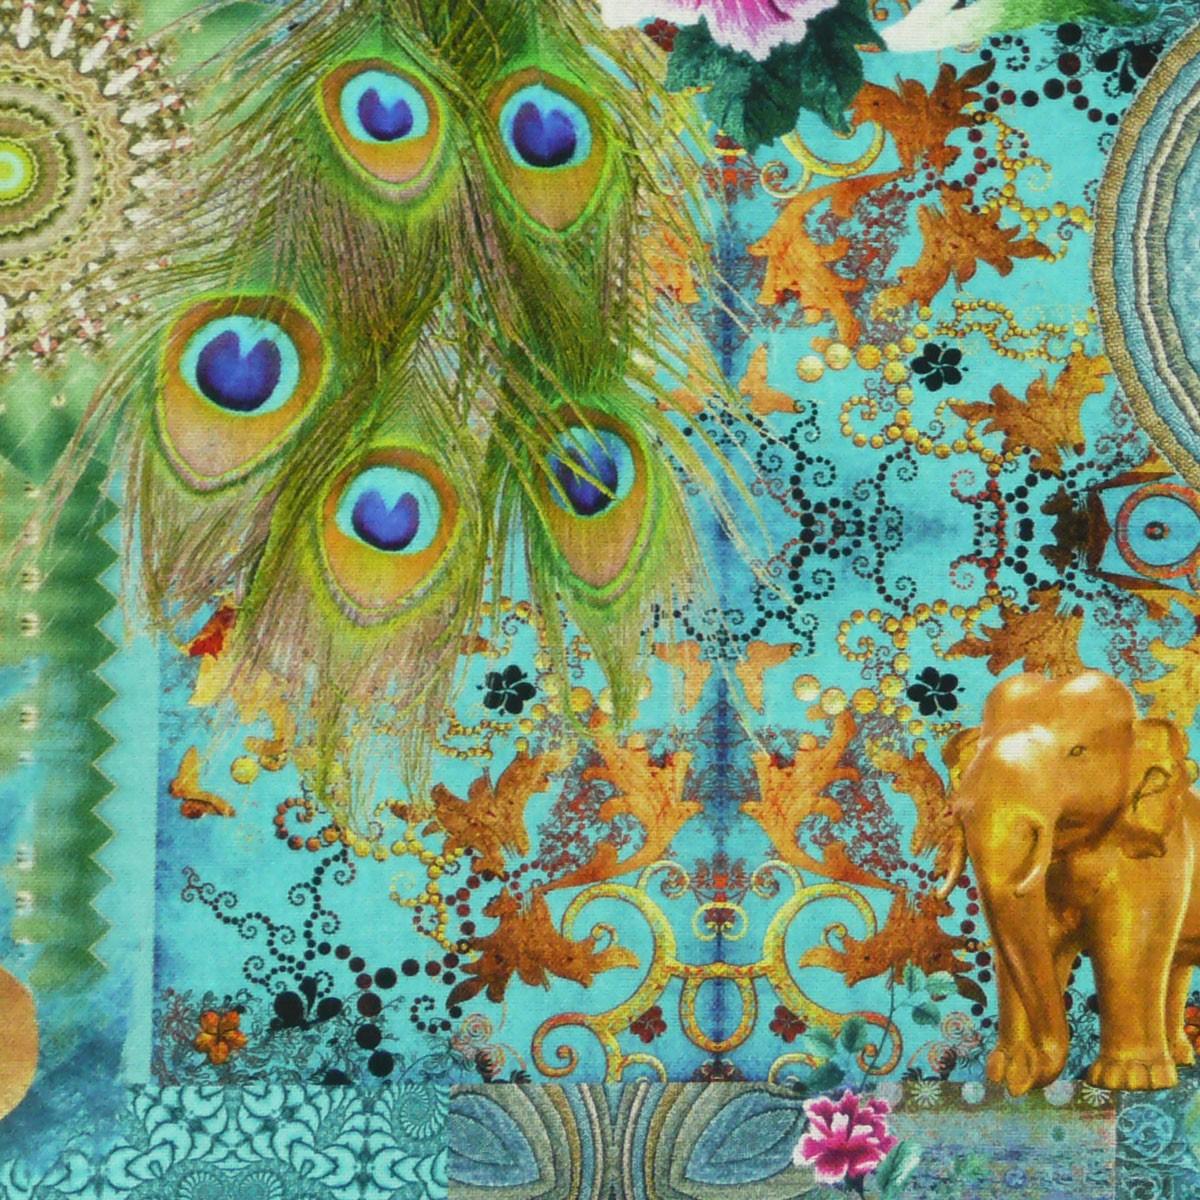 baumwollstoff fantasie orientalisch t rkis stoff dekostoff digitaldruck stoffe stoffe gemustert